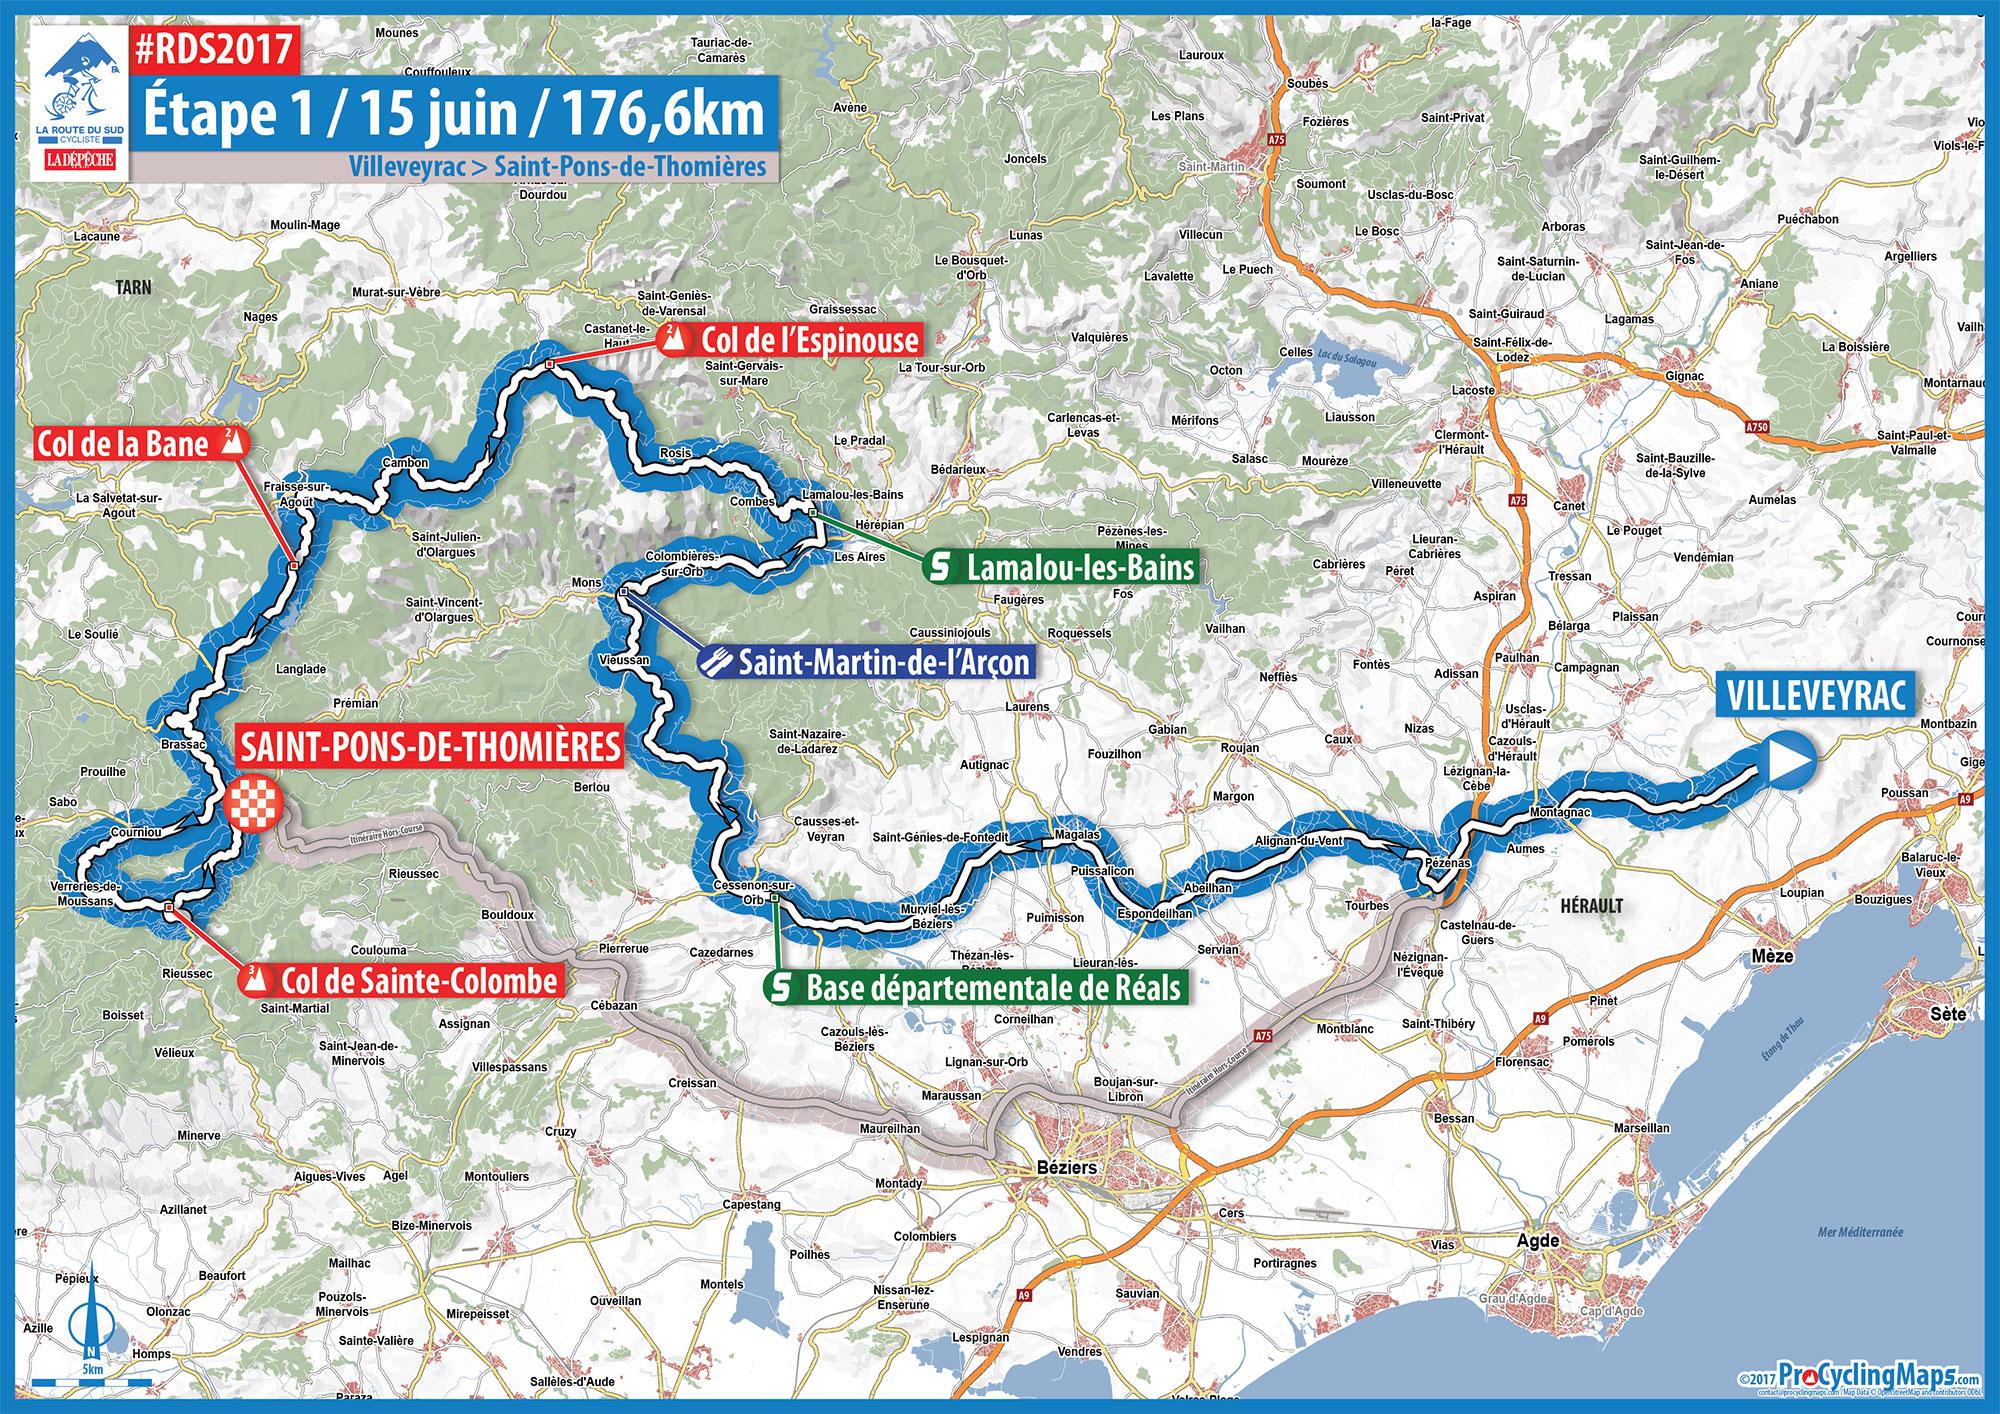 RDS2017 - Carte étape 1